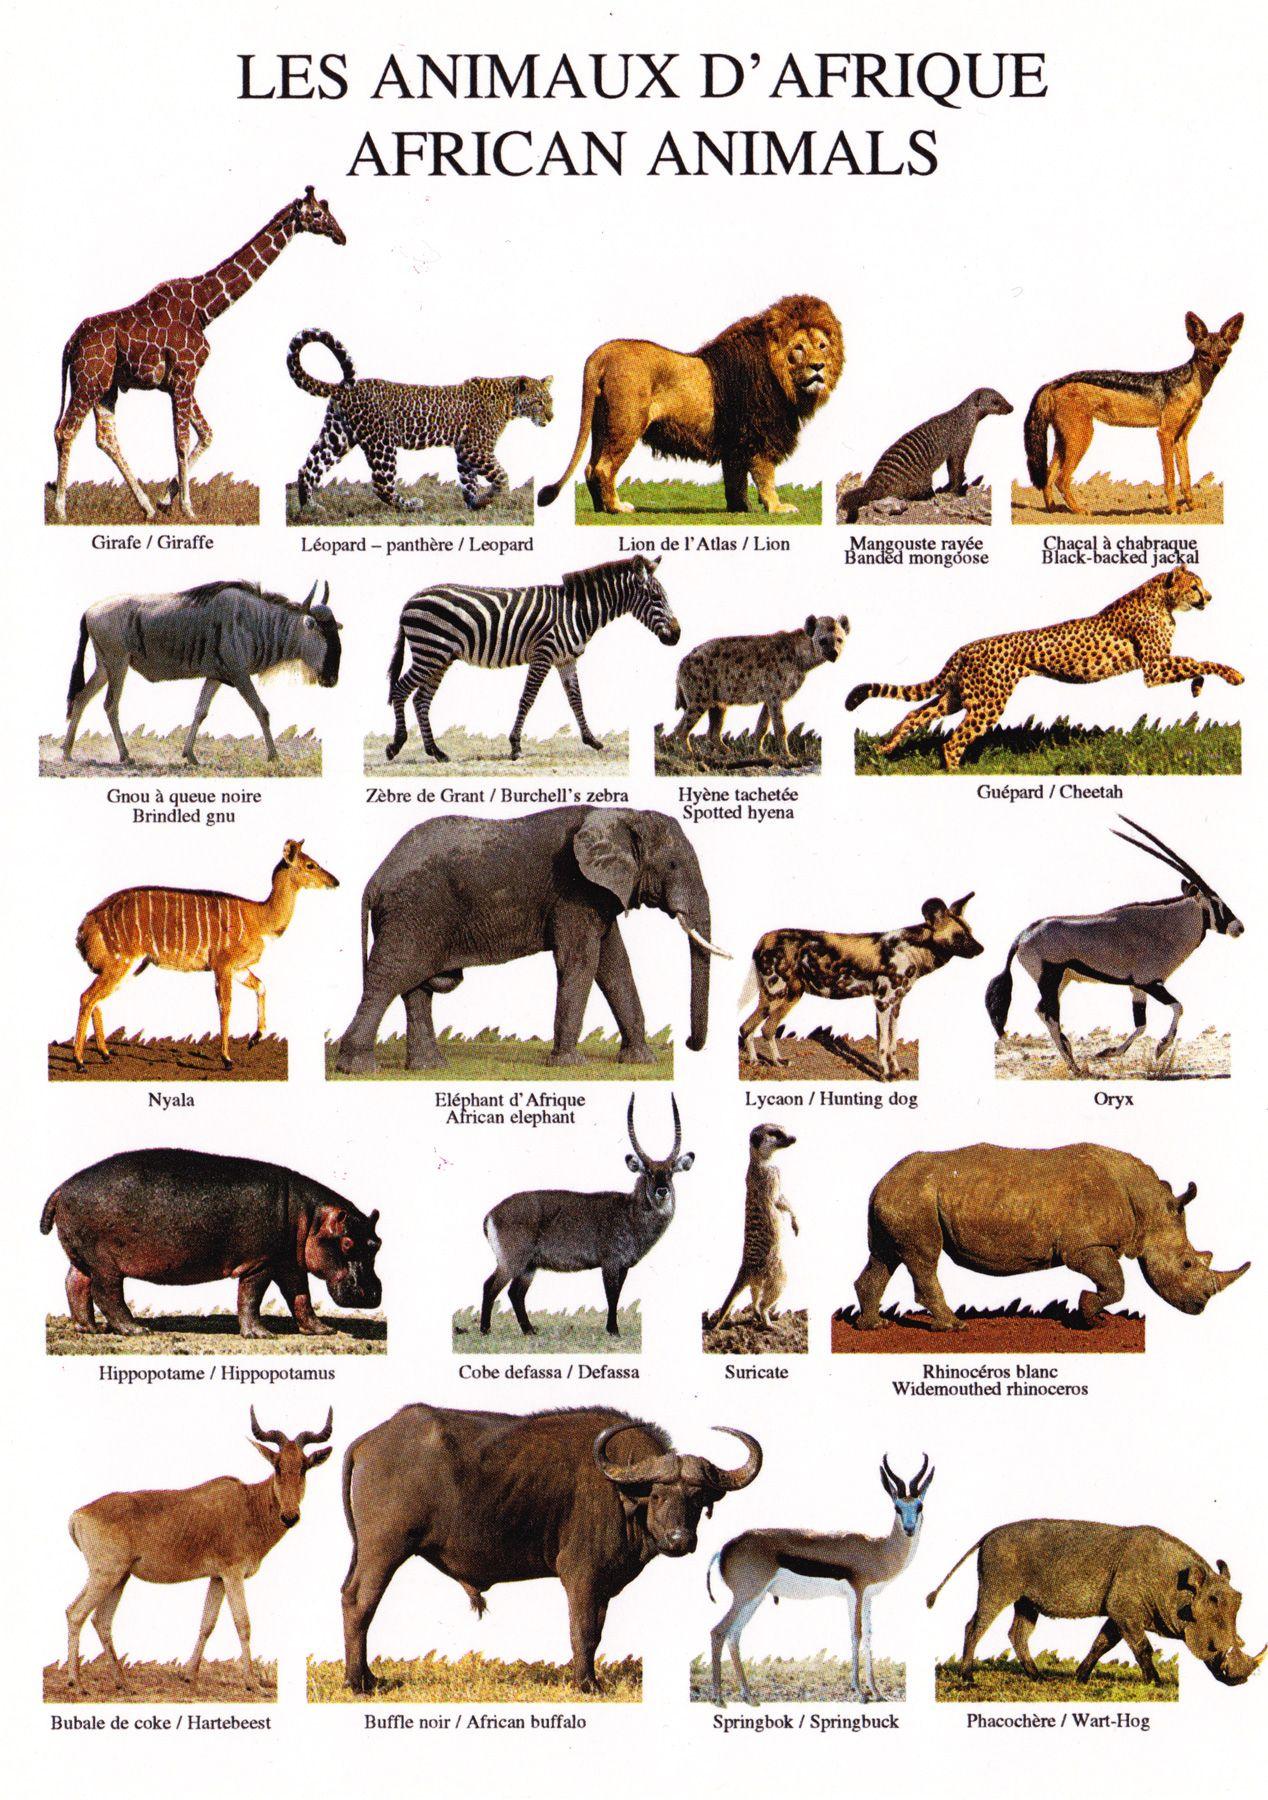 Tout Les Animaux D Afrique : animaux, afrique, African, Animals, Animaux, Afrique,, Animaux,, Dafrique